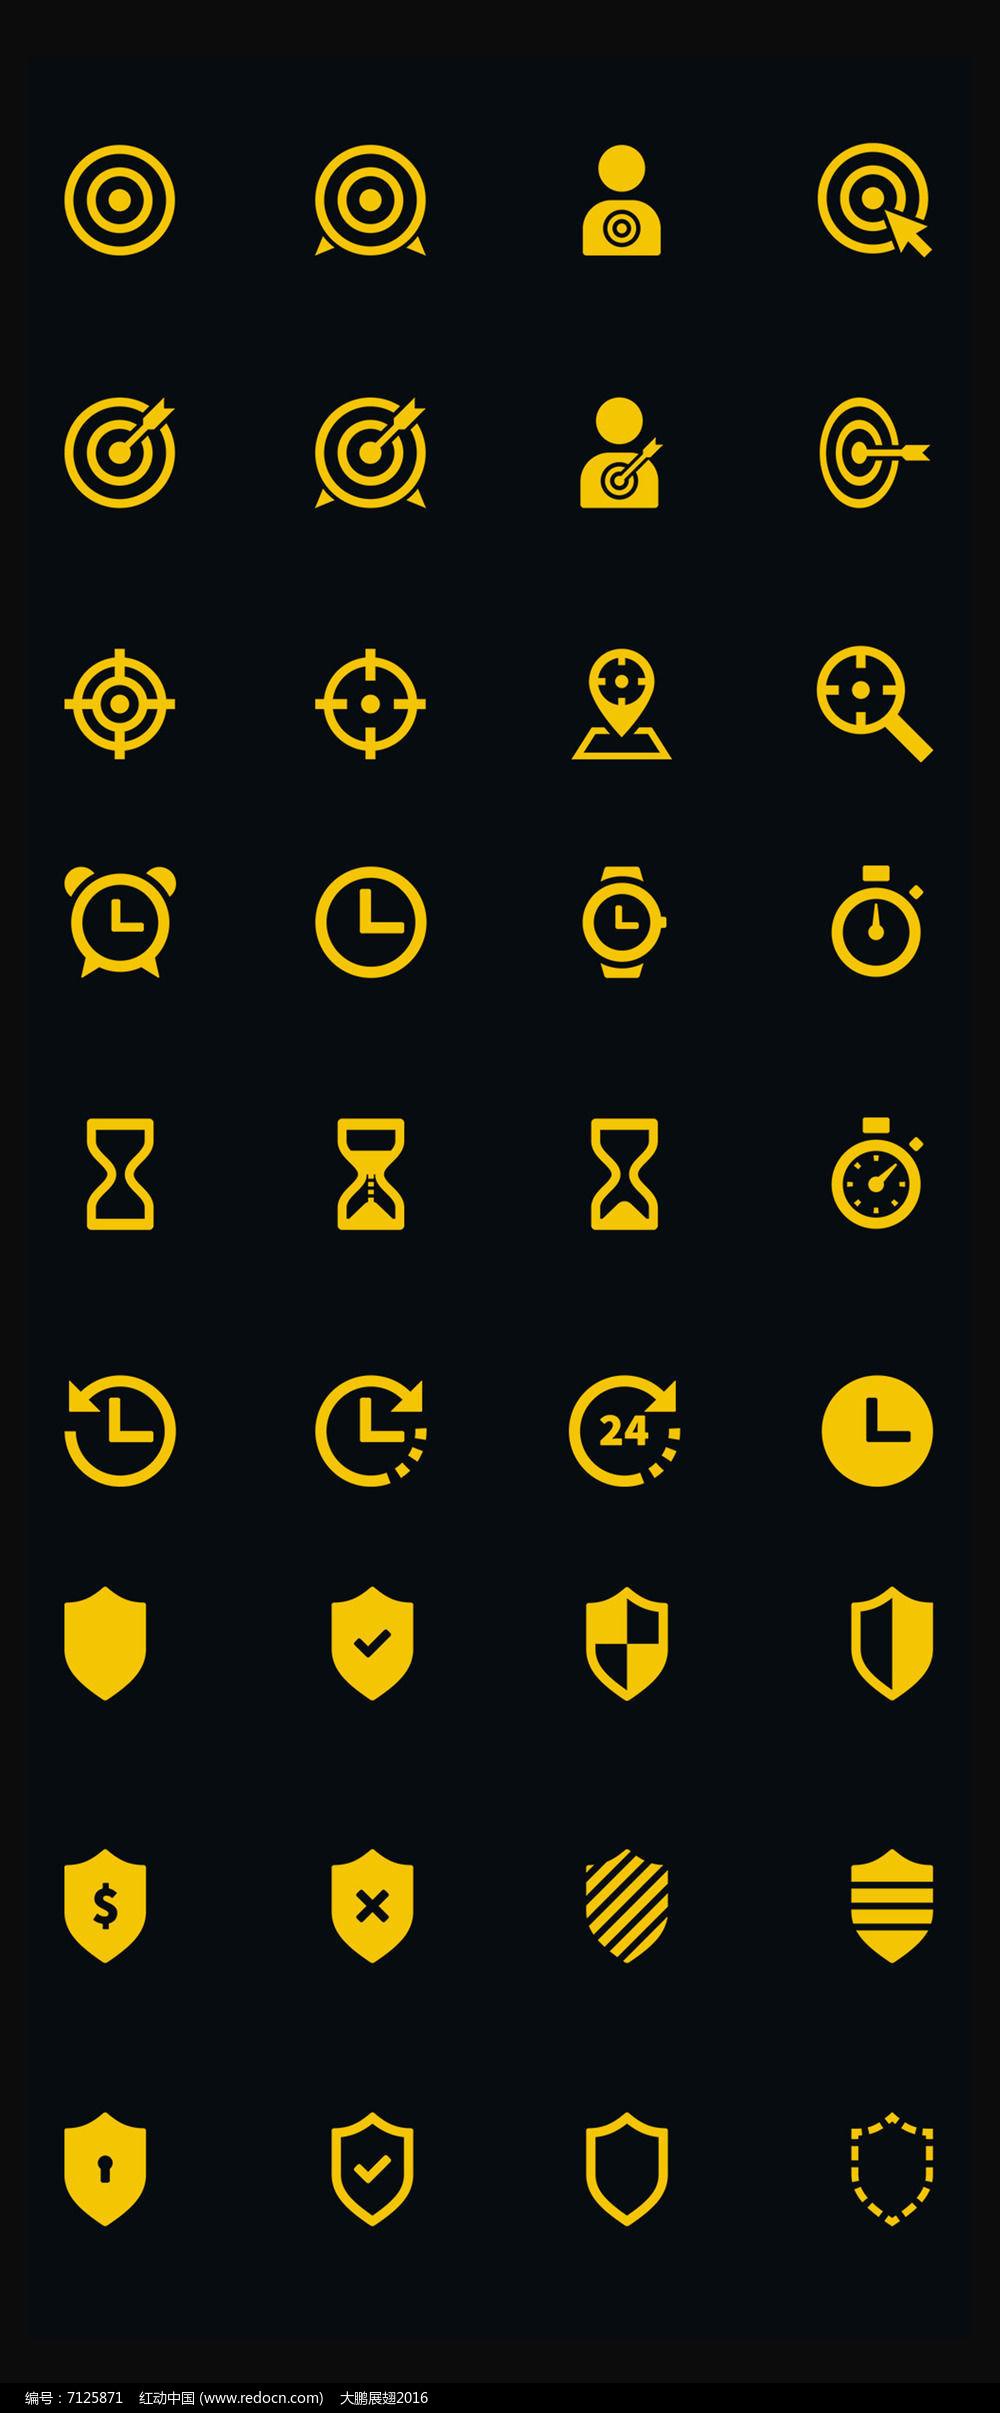 手机图标按钮图片下载图片